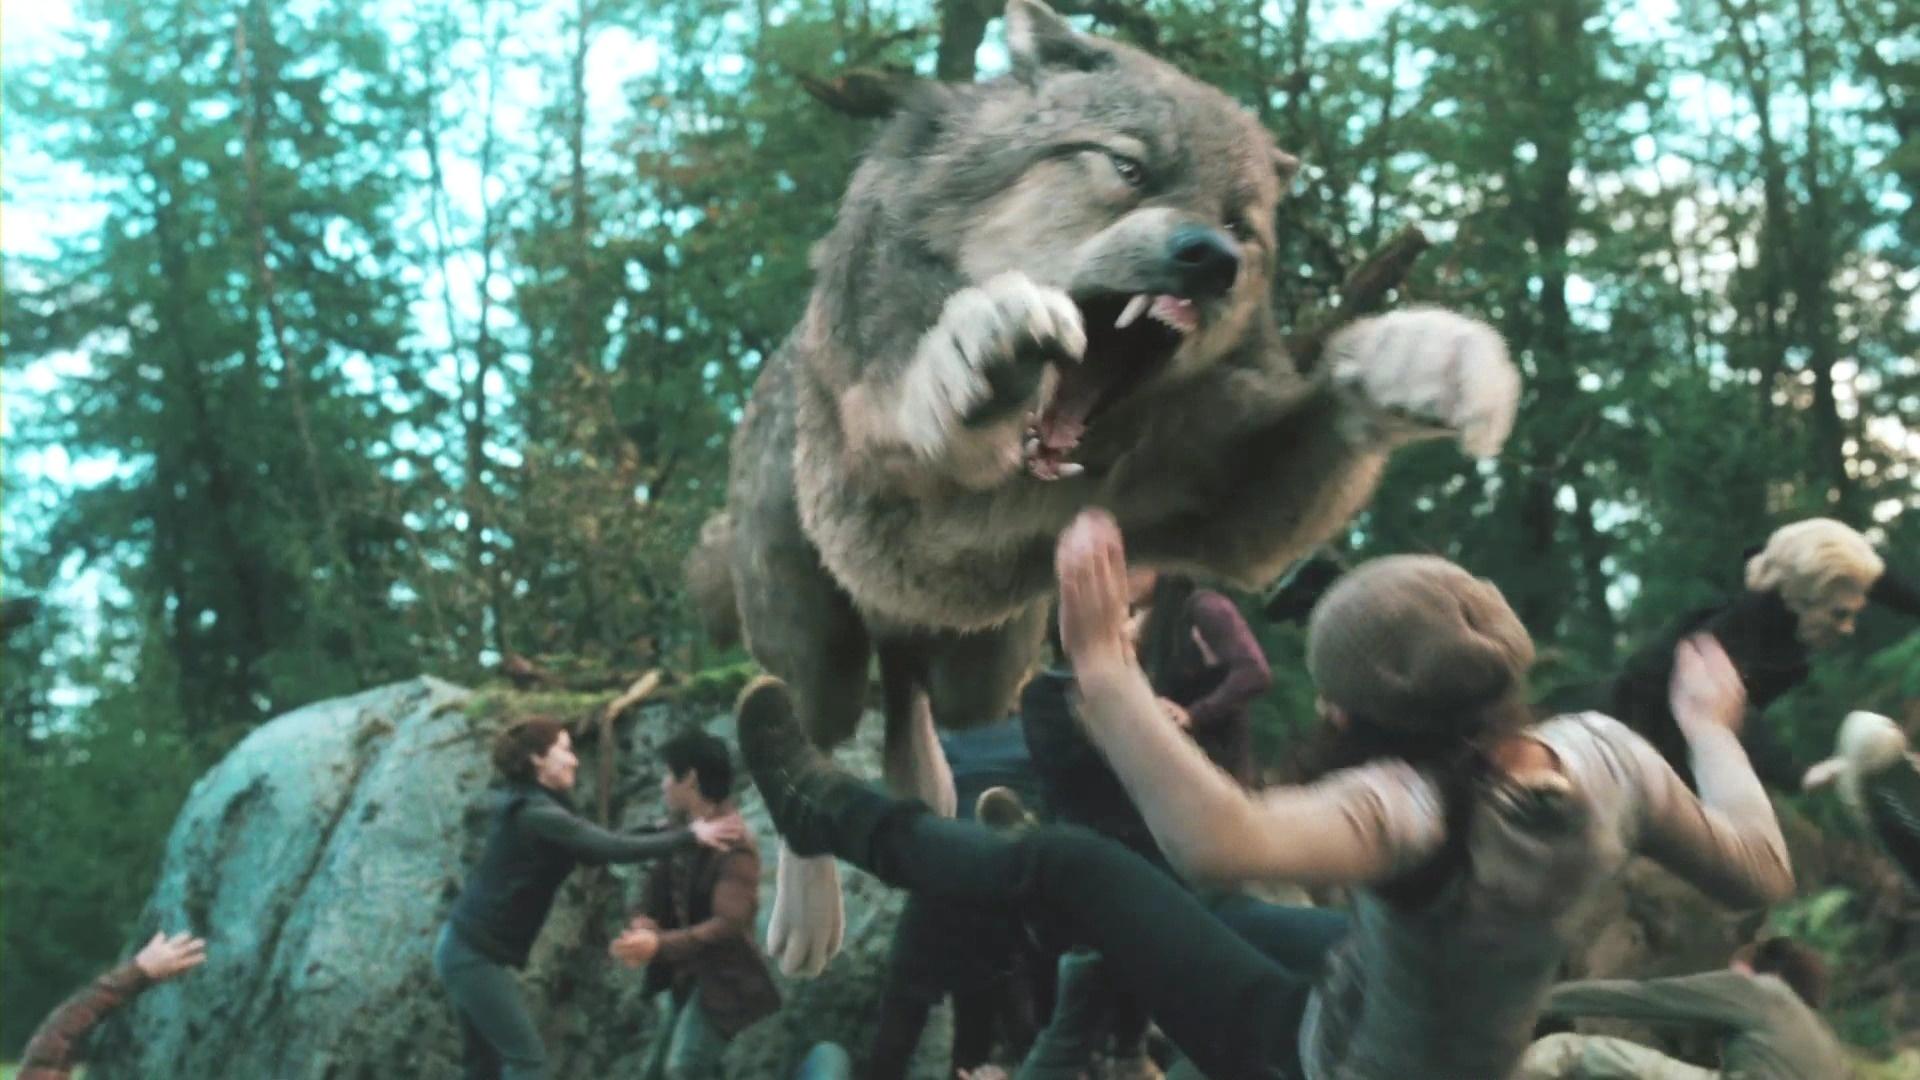 鬃岩狼人-由一个电影里面的人可以变成动物格斗的是什么电影